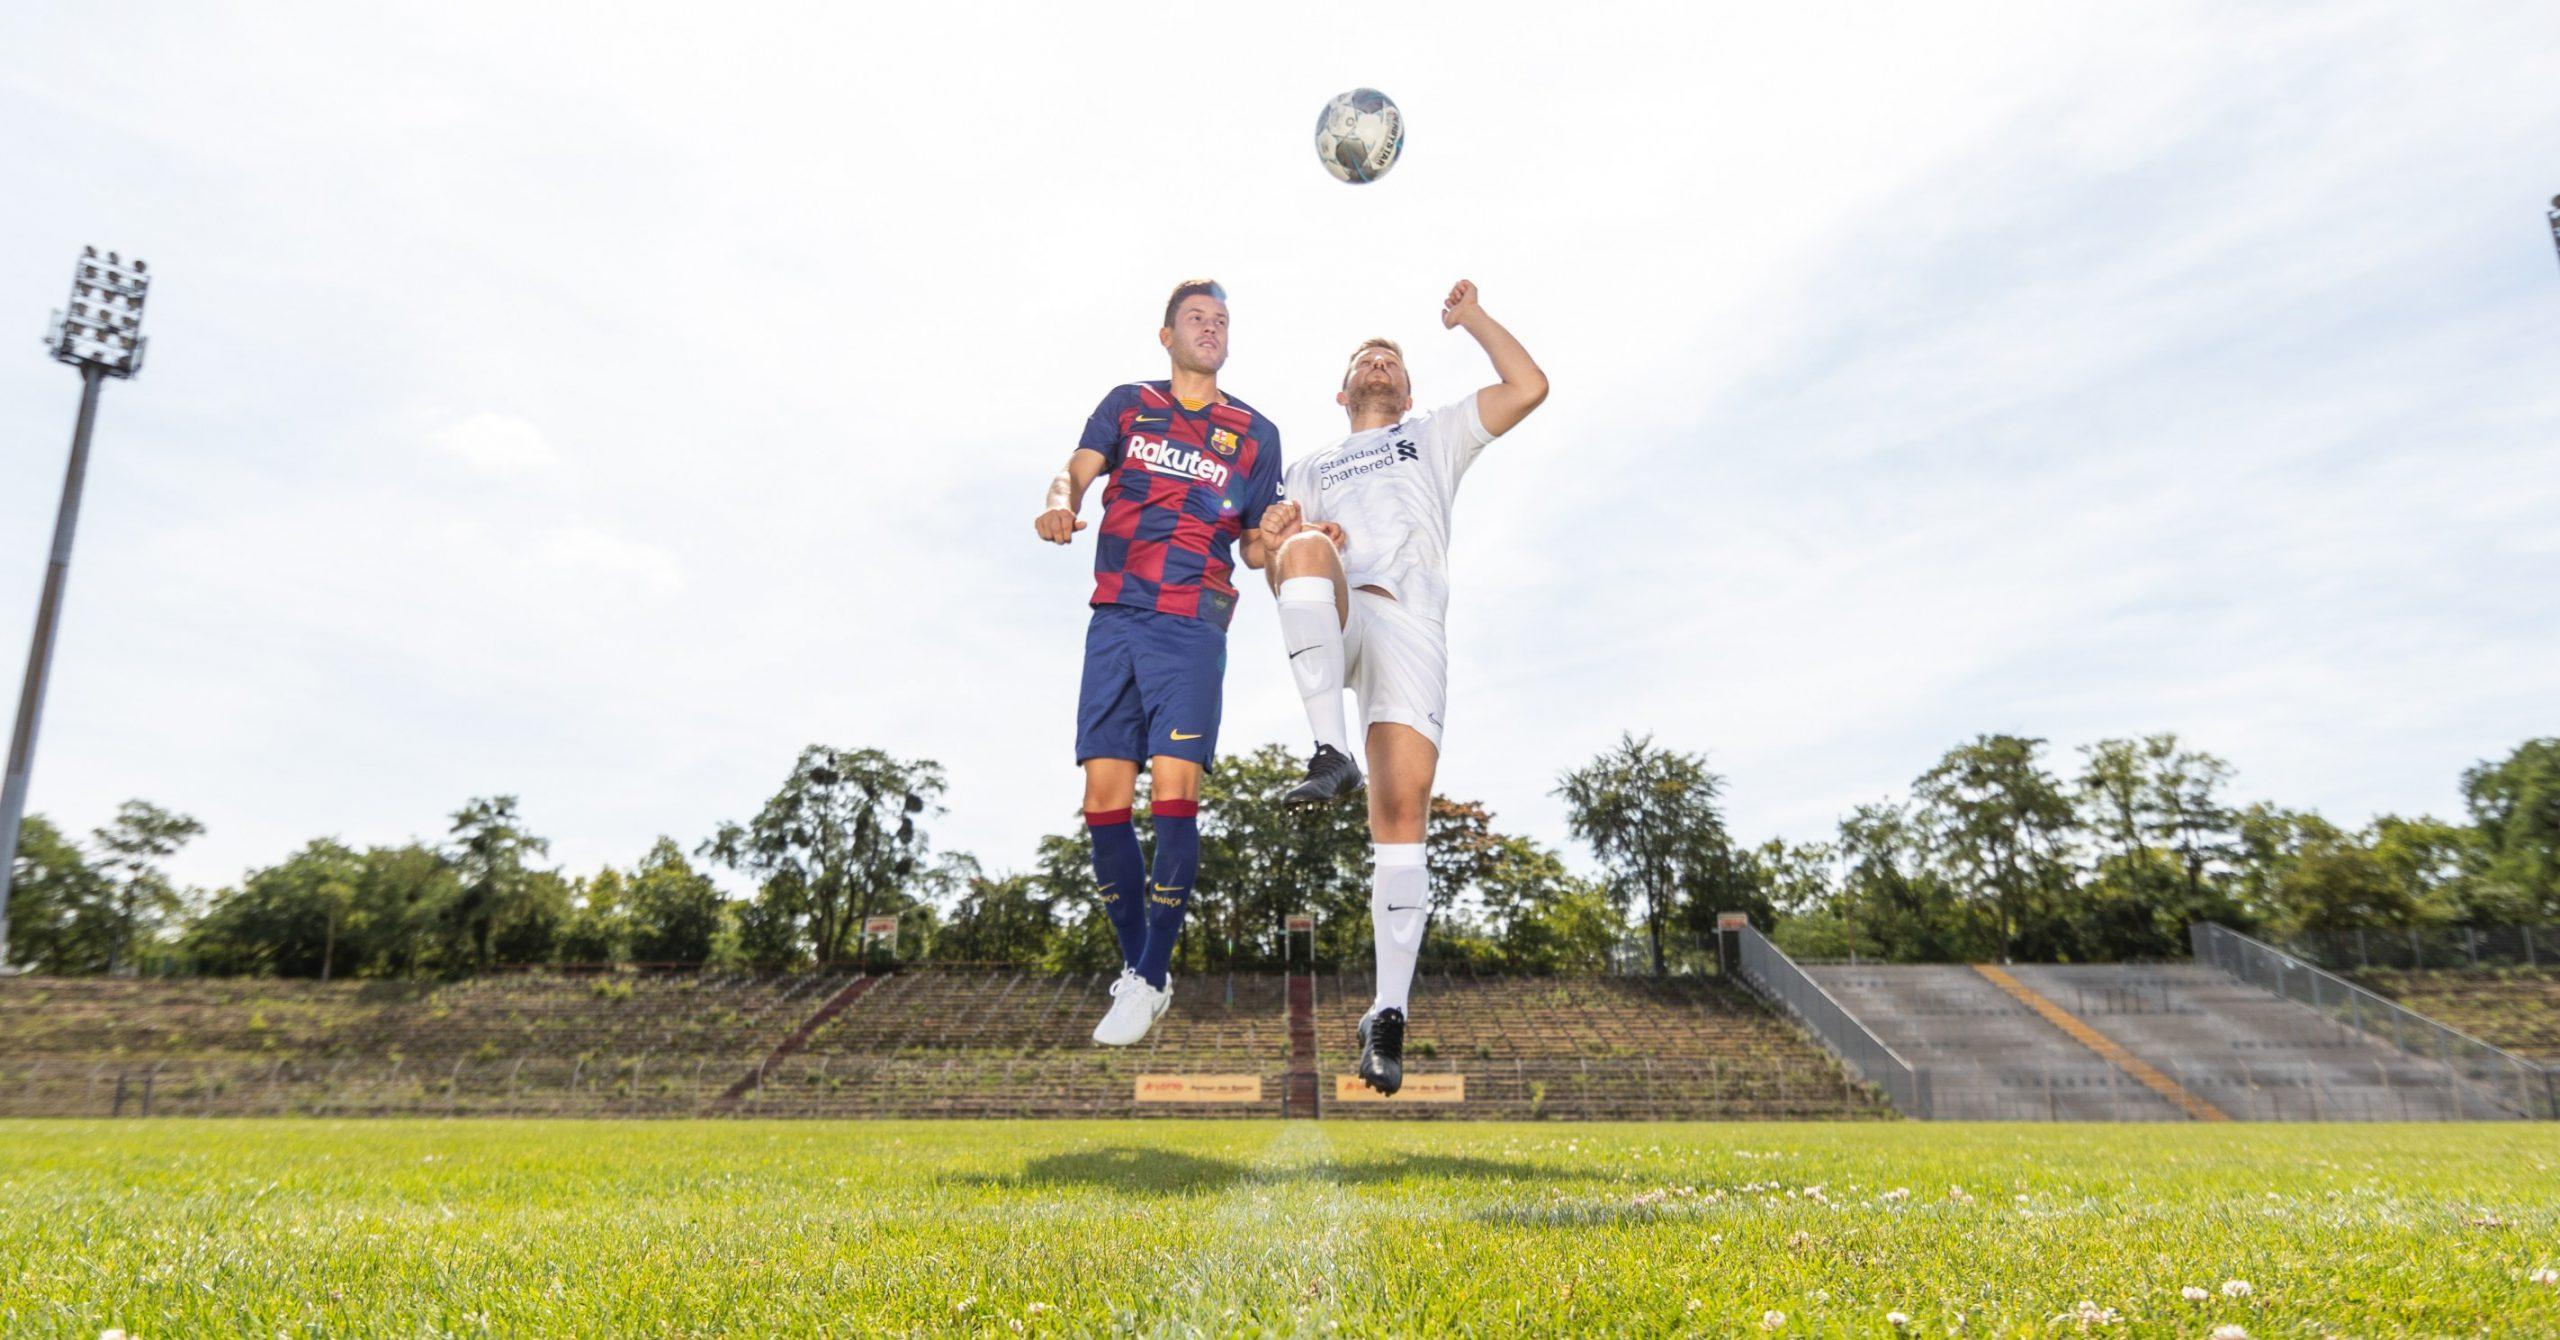 Immer am Ball bleiben – Trainingstipps von Fußballprofi Nico und Freestyler Max